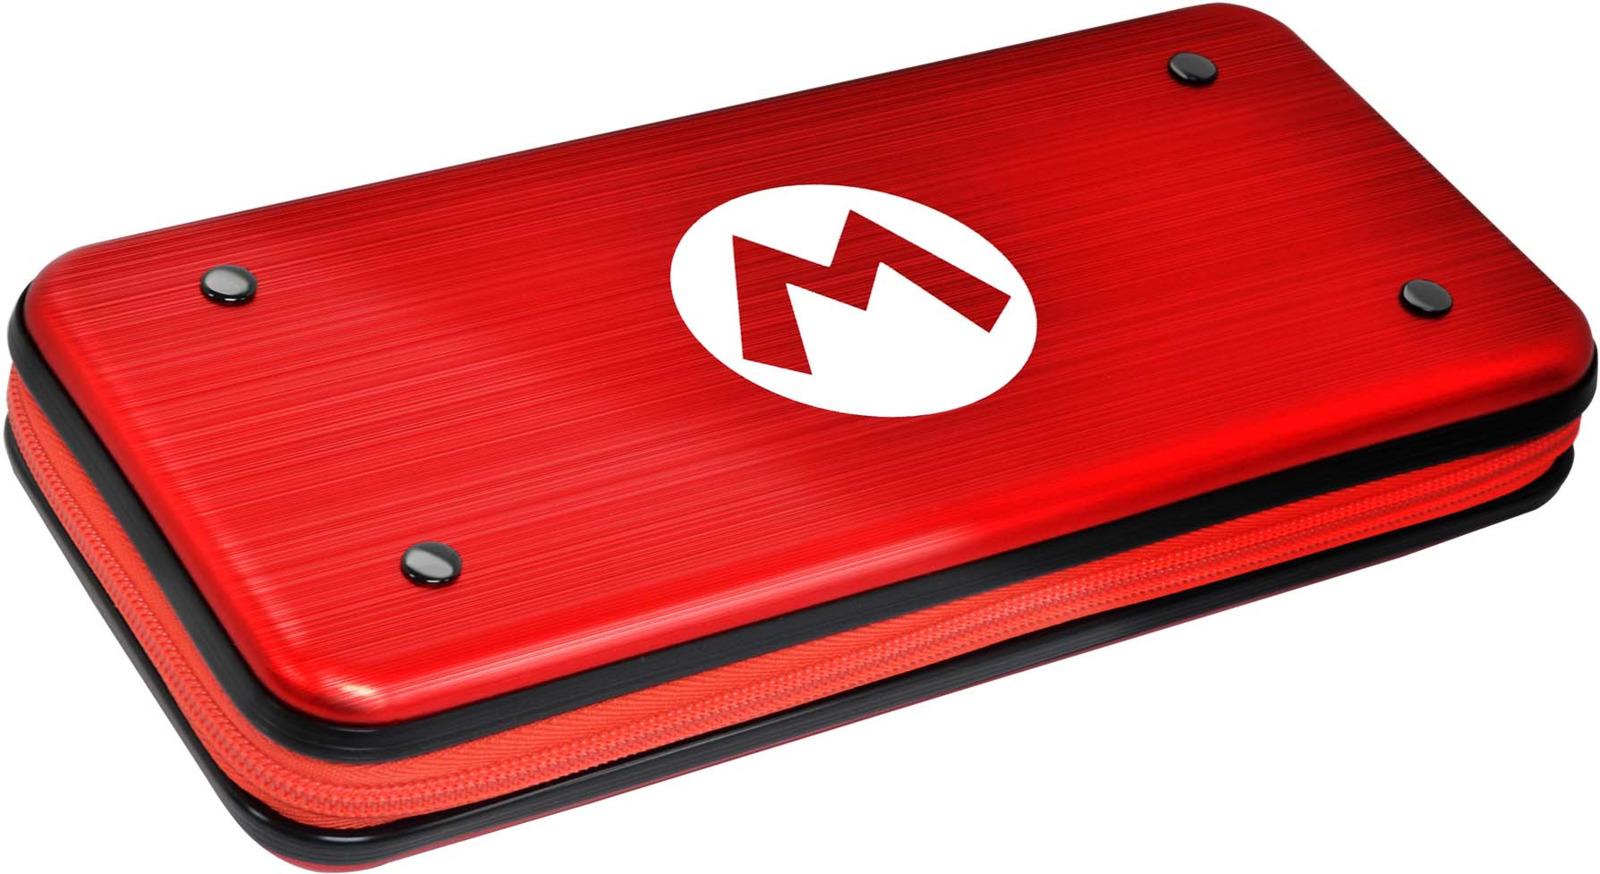 Защитный чехол Hori Mario, для консоли Nintendo Switch, NSW-090U игровая приставка new nintendo 2ds xl black turquoise super mario 3d land